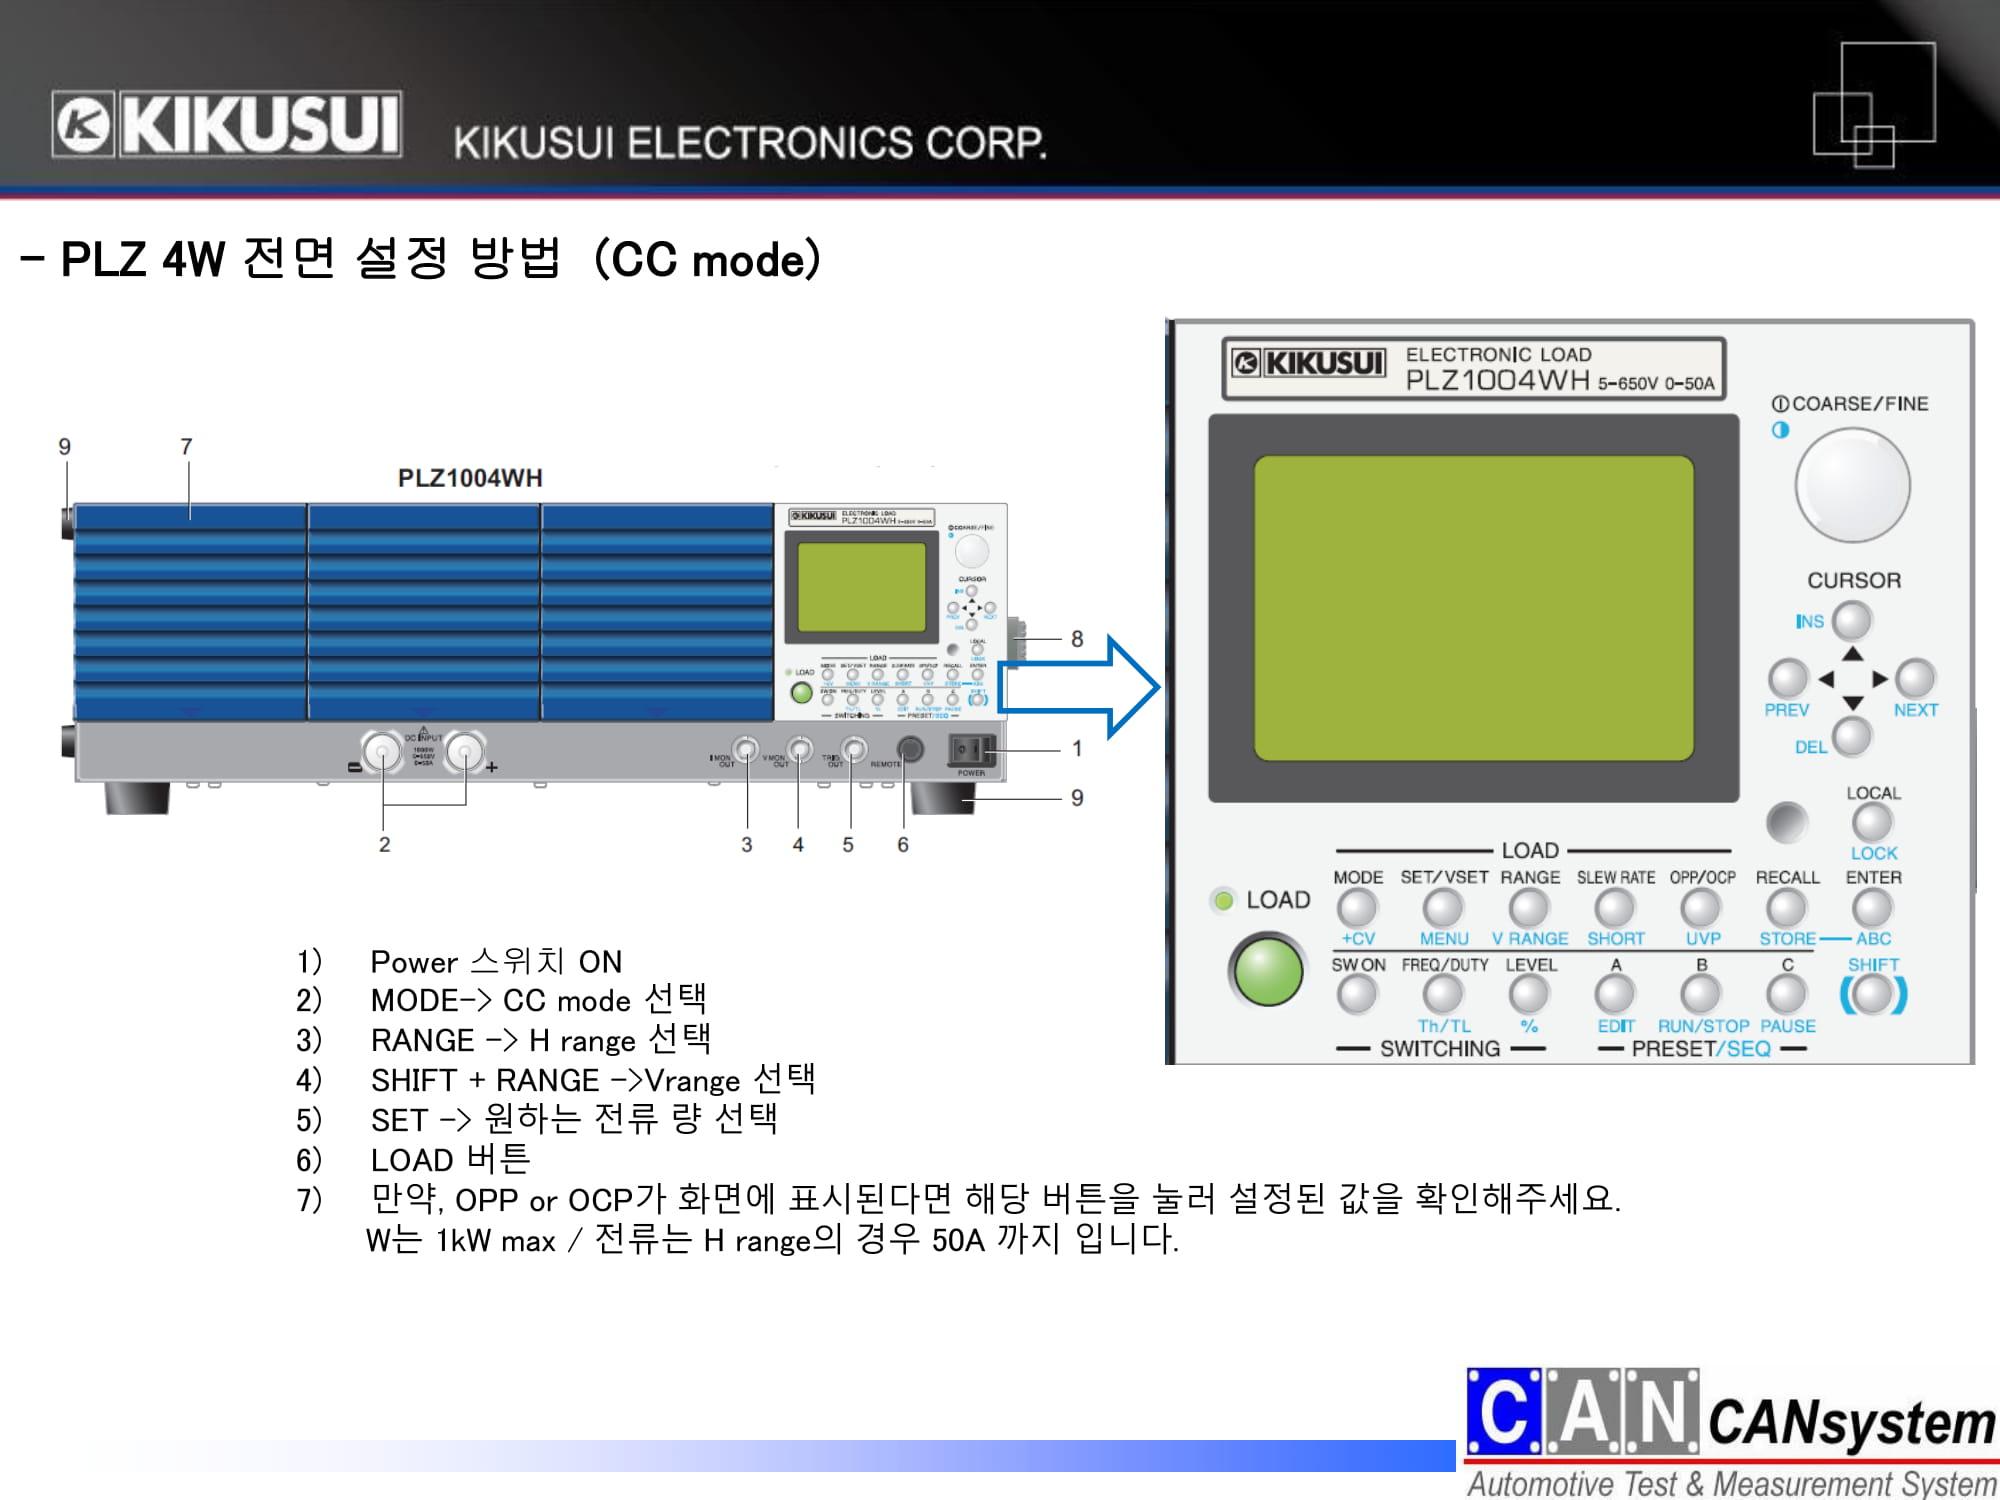 KIKUSUI PLZ4W이용 가이드-03.jpg